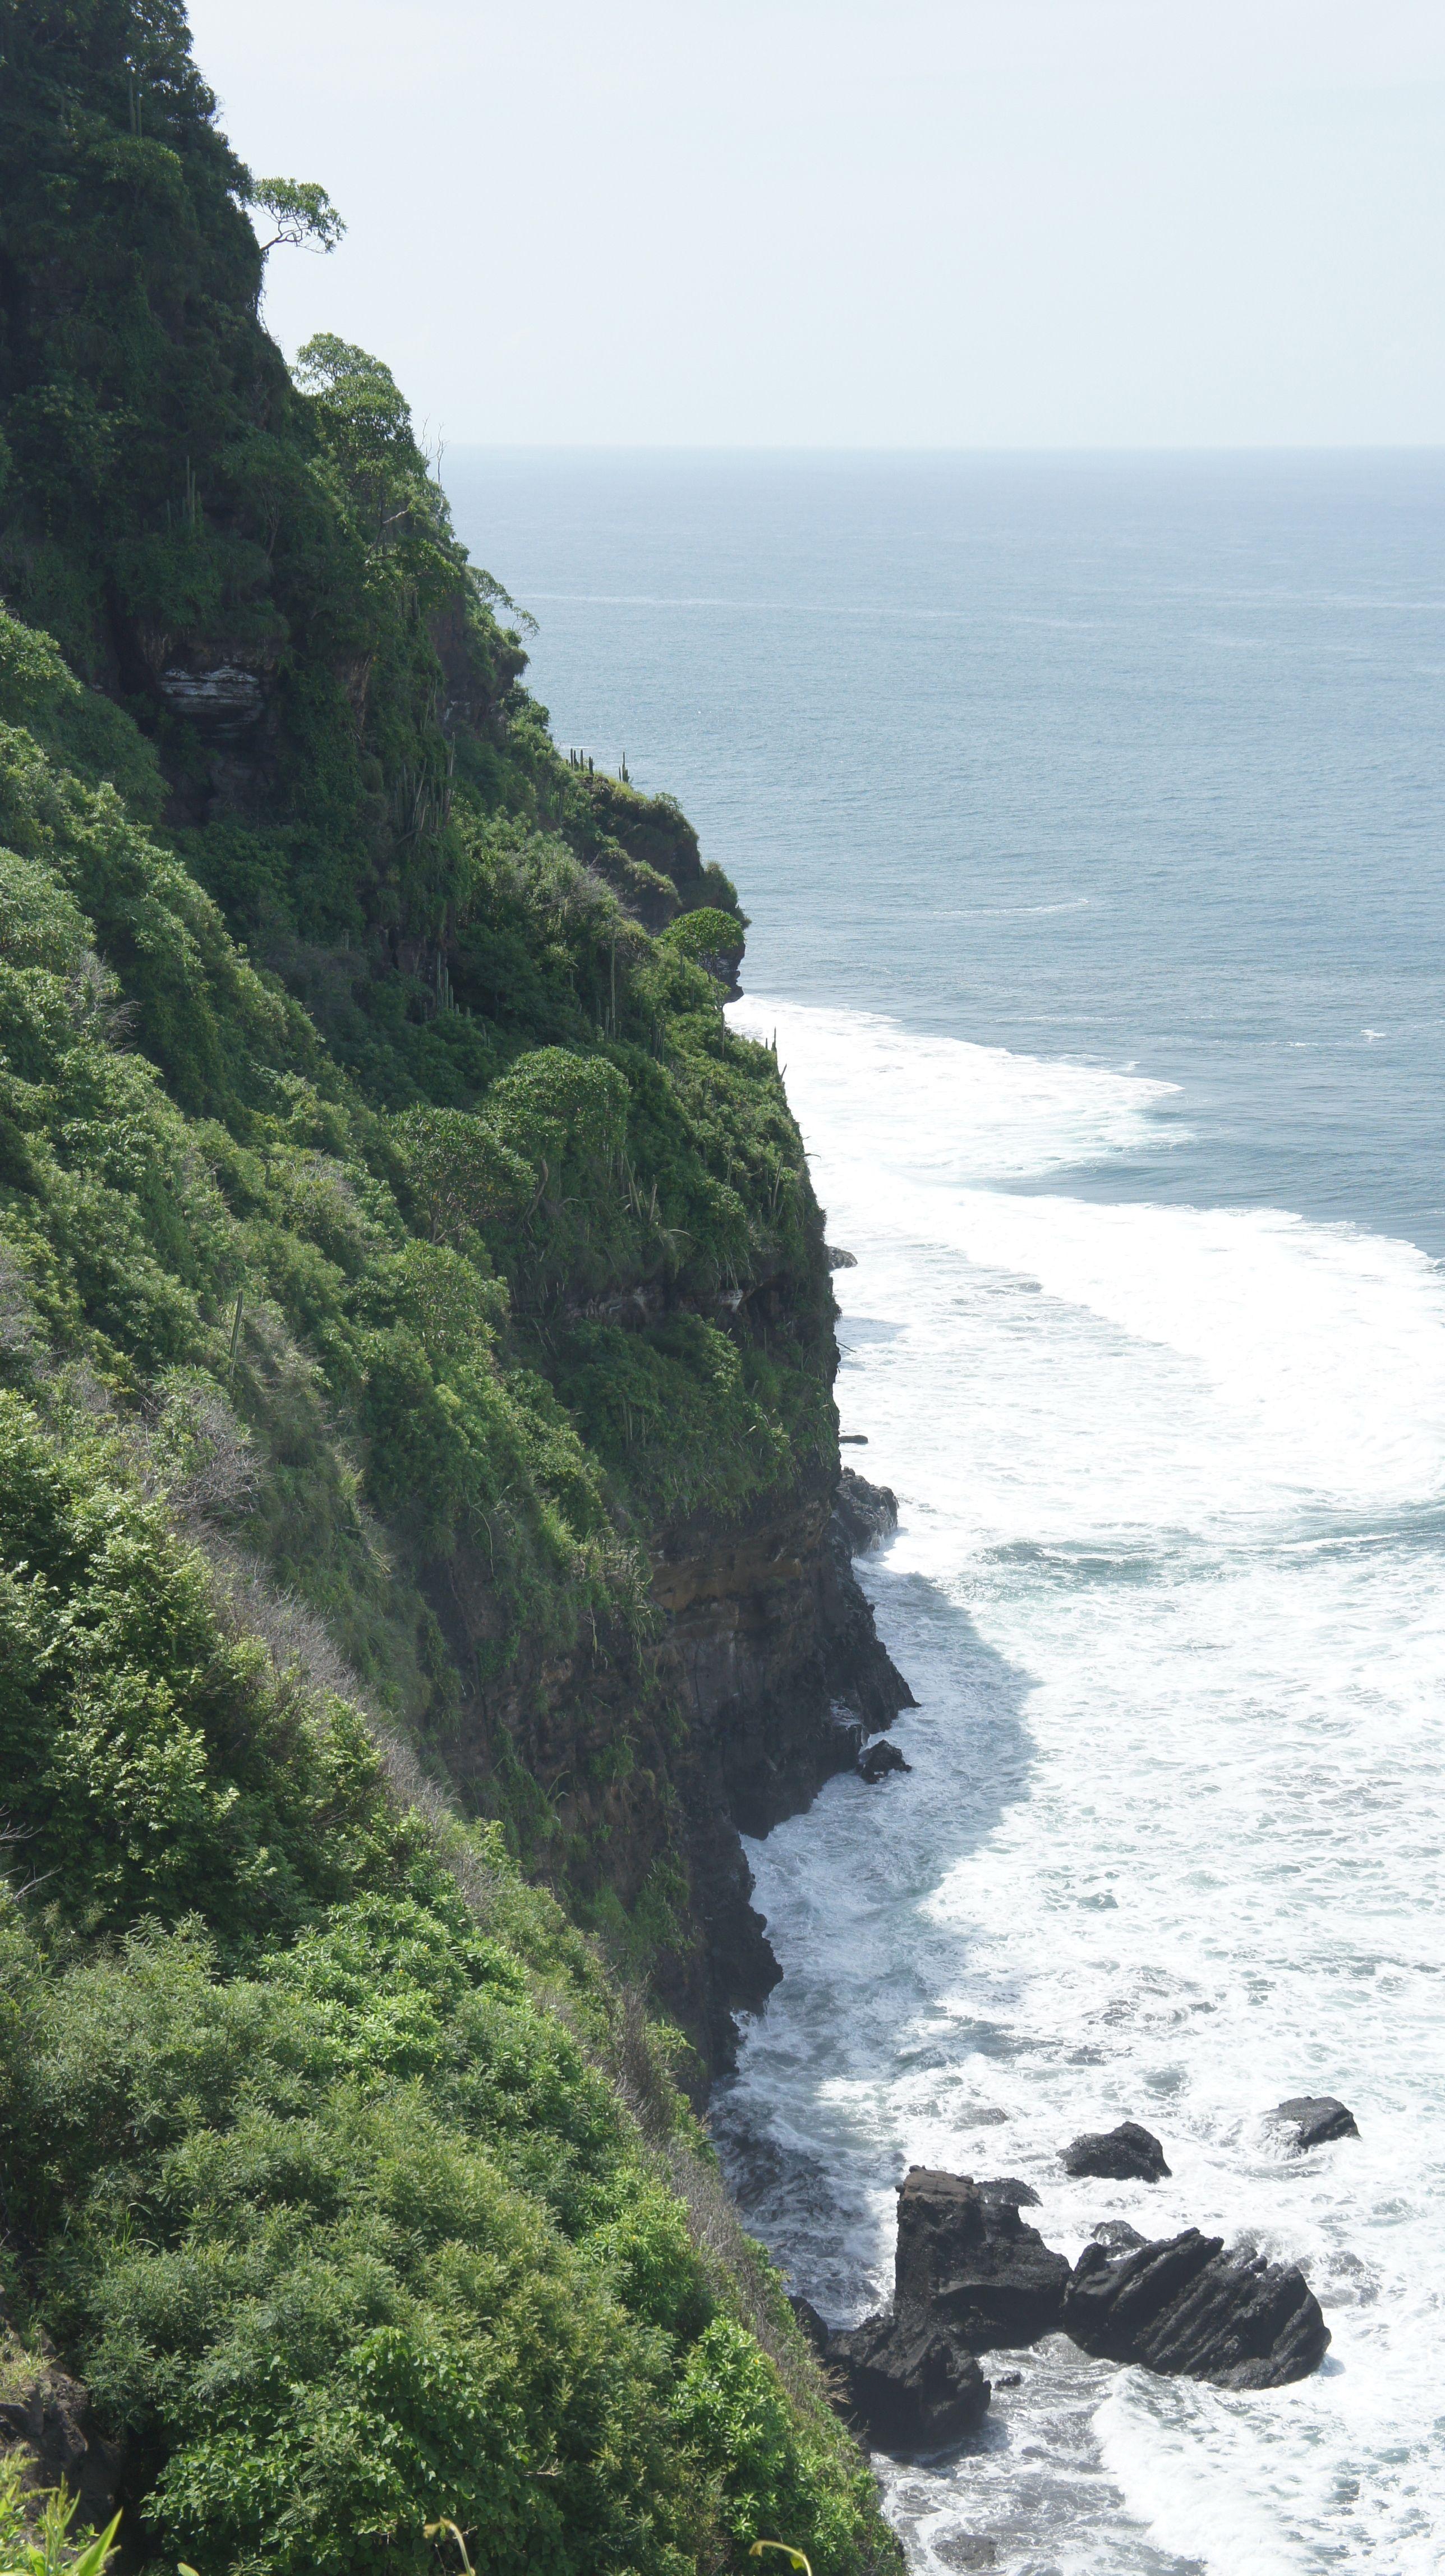 The dramatic coast of El Salvador near